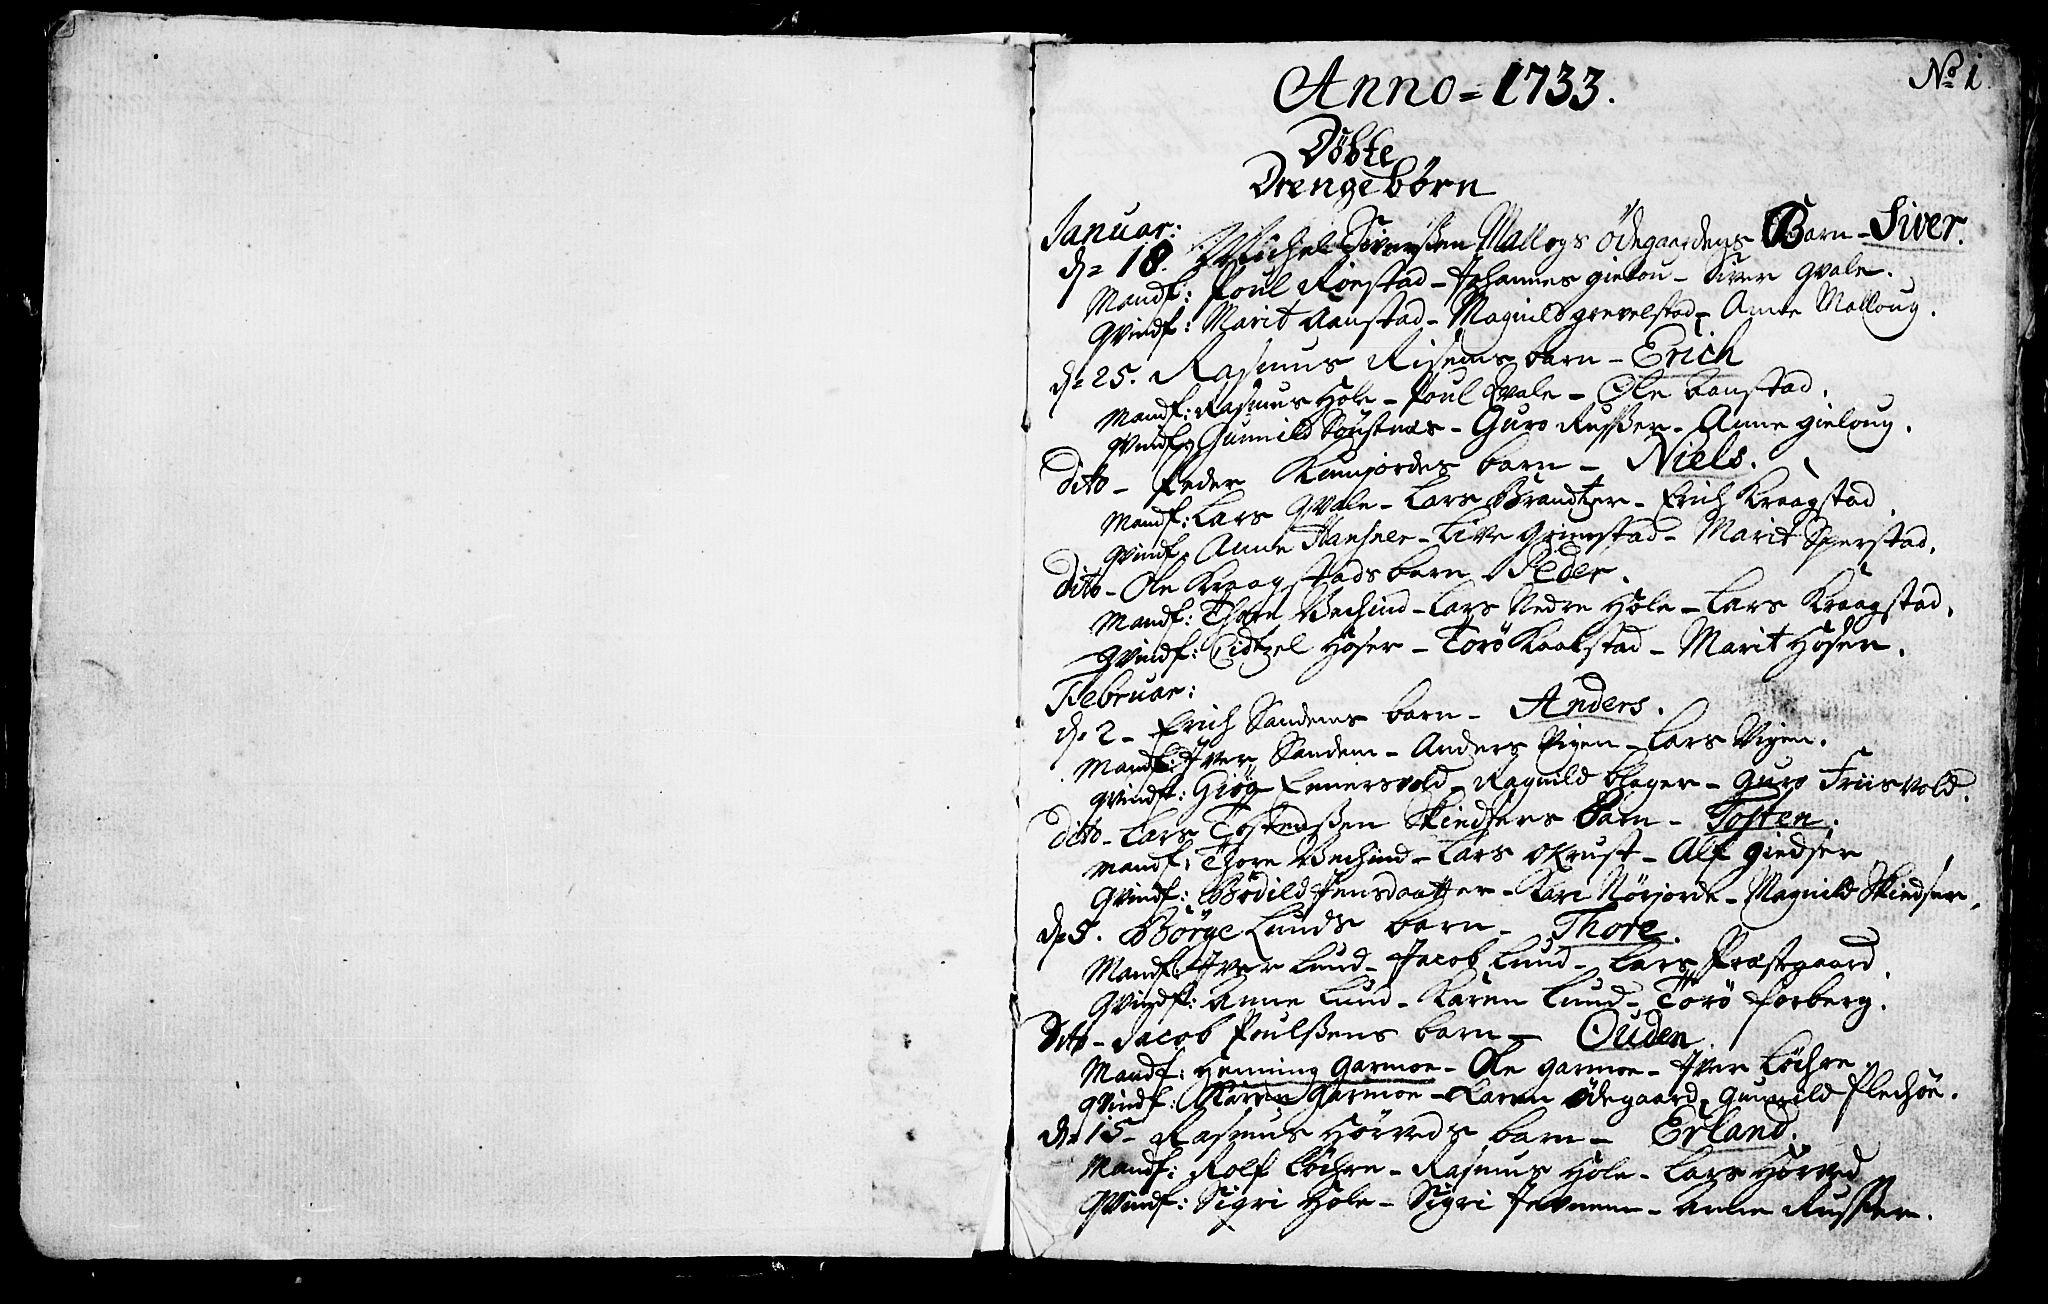 SAH, Lom prestekontor, K/L0001: Ministerialbok nr. 1, 1733-1748, s. 1